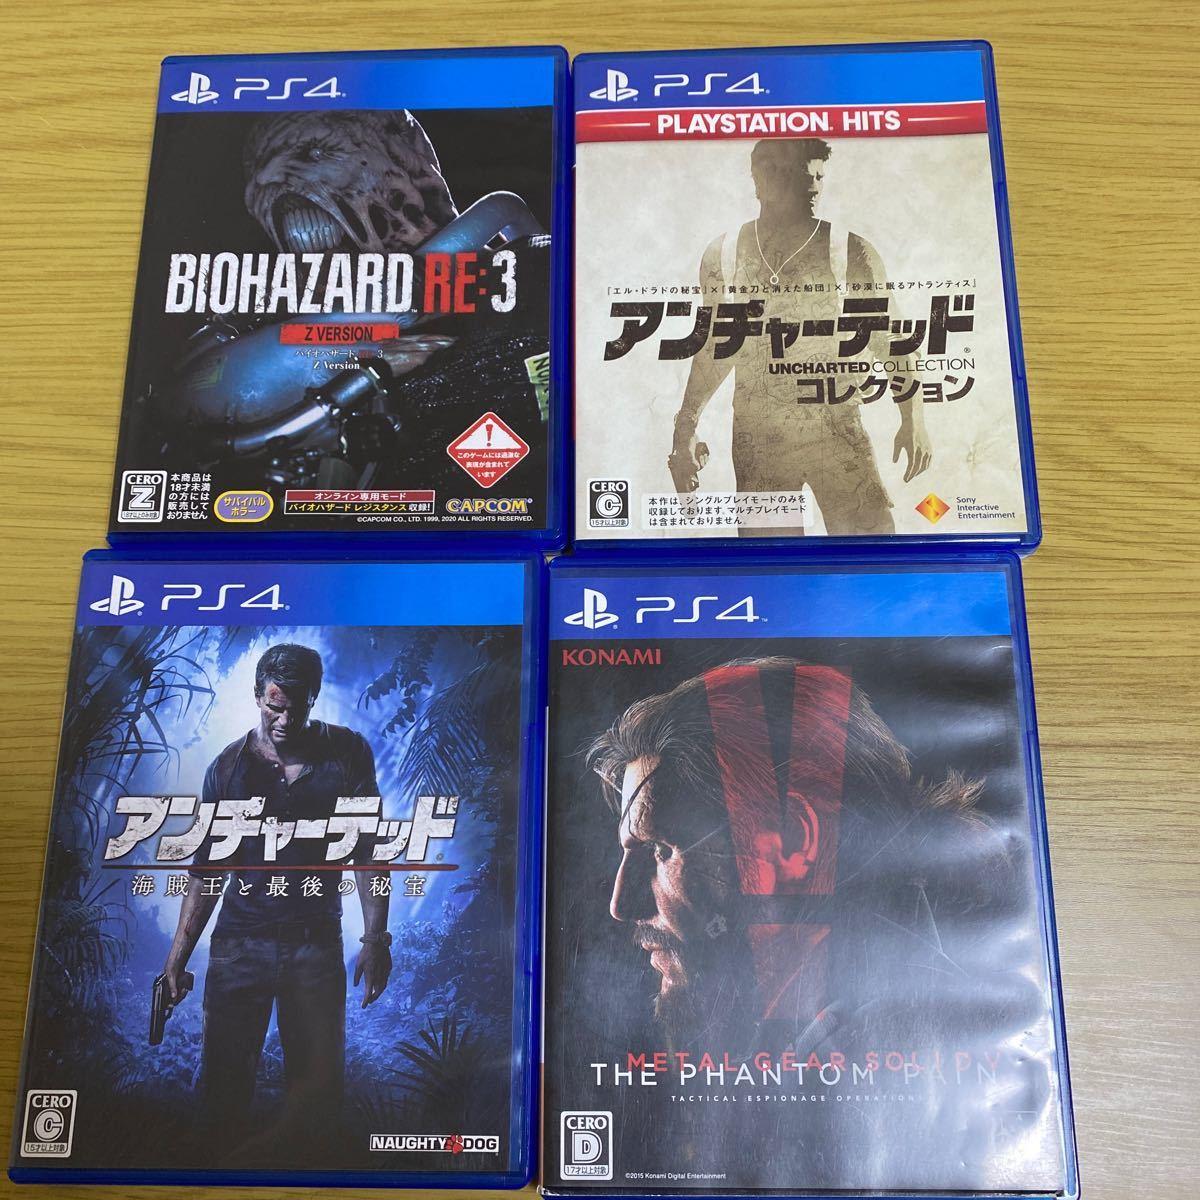 PS4 メタルギアソリッドV  アンチャーテッドコレクション アンチャーテッド海賊王と最後の秘宝 バイオハザードRE3 4点セット